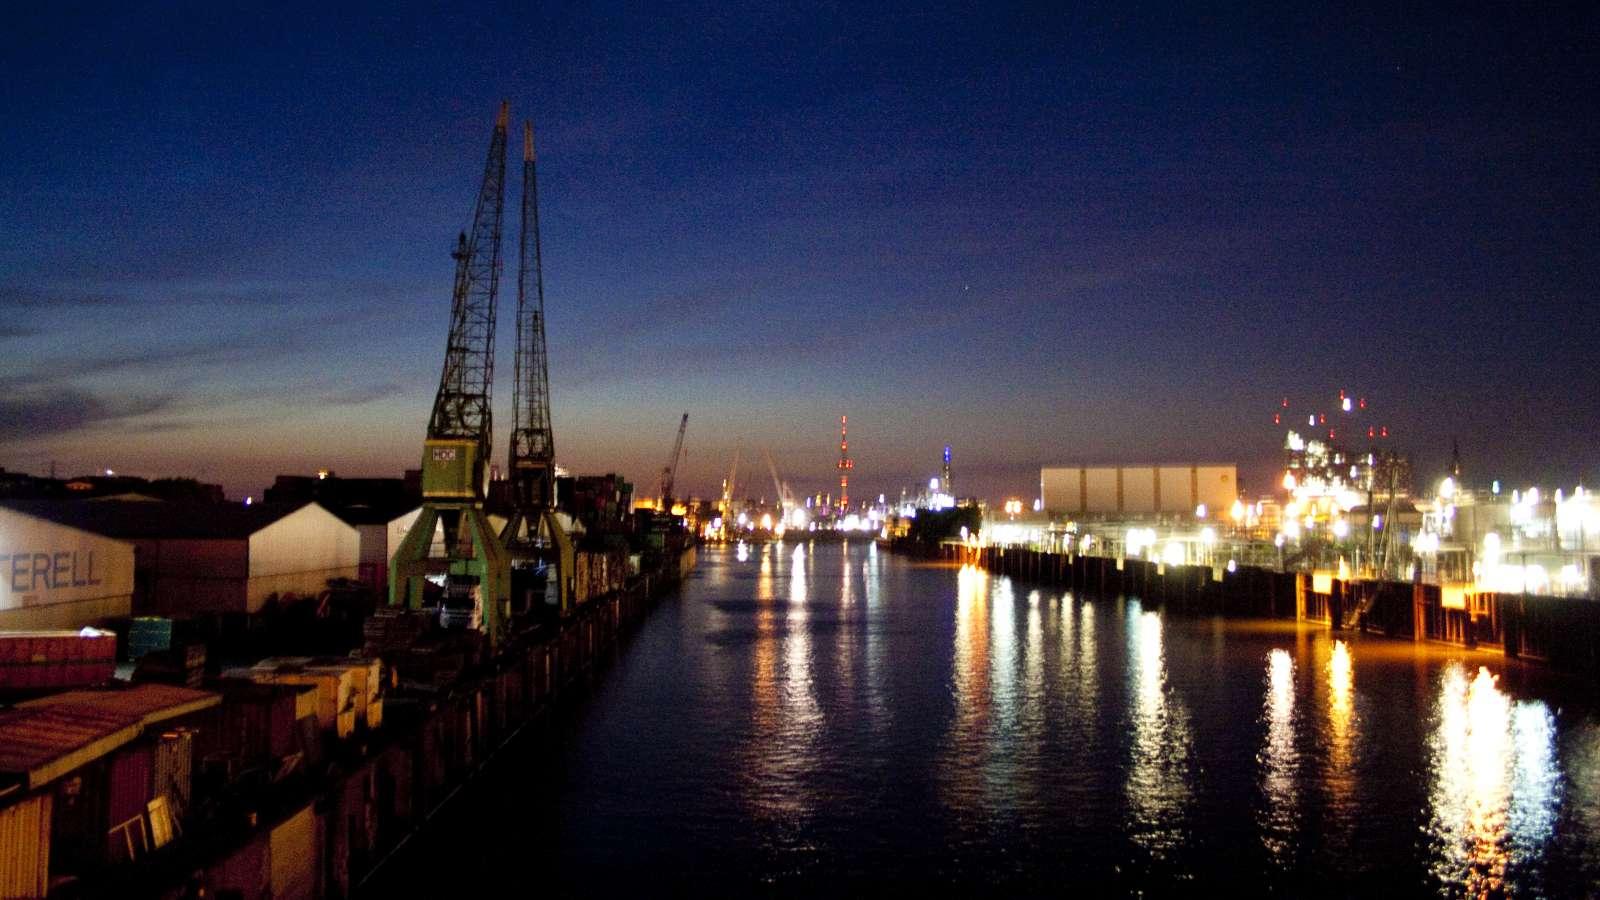 Mit dem Rad von den Landungsbrücken in Richtung Dockville lassen sich fabelhafte Szenerien beobachten–1